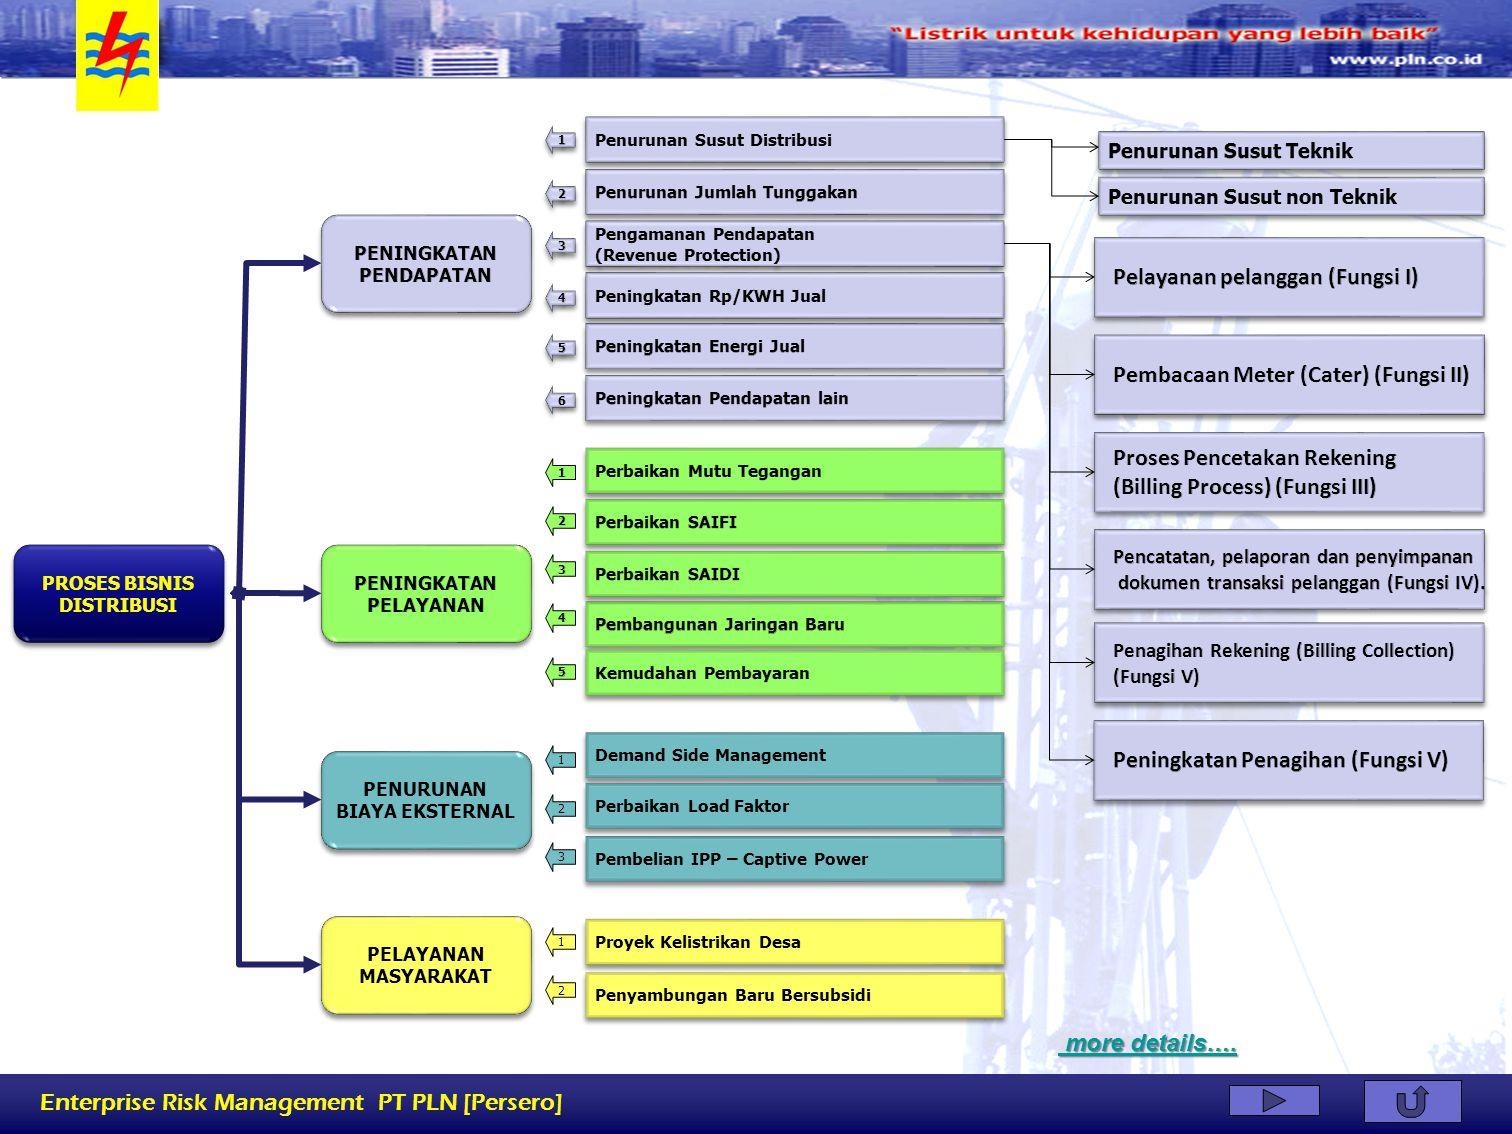 Enterprise Risk Management PT PLN [Persero] Demand Side Management Pembelian IPP – Captive Power Proyek Kelistrikan Desa 1 2 Penyambungan Baru Bersubs